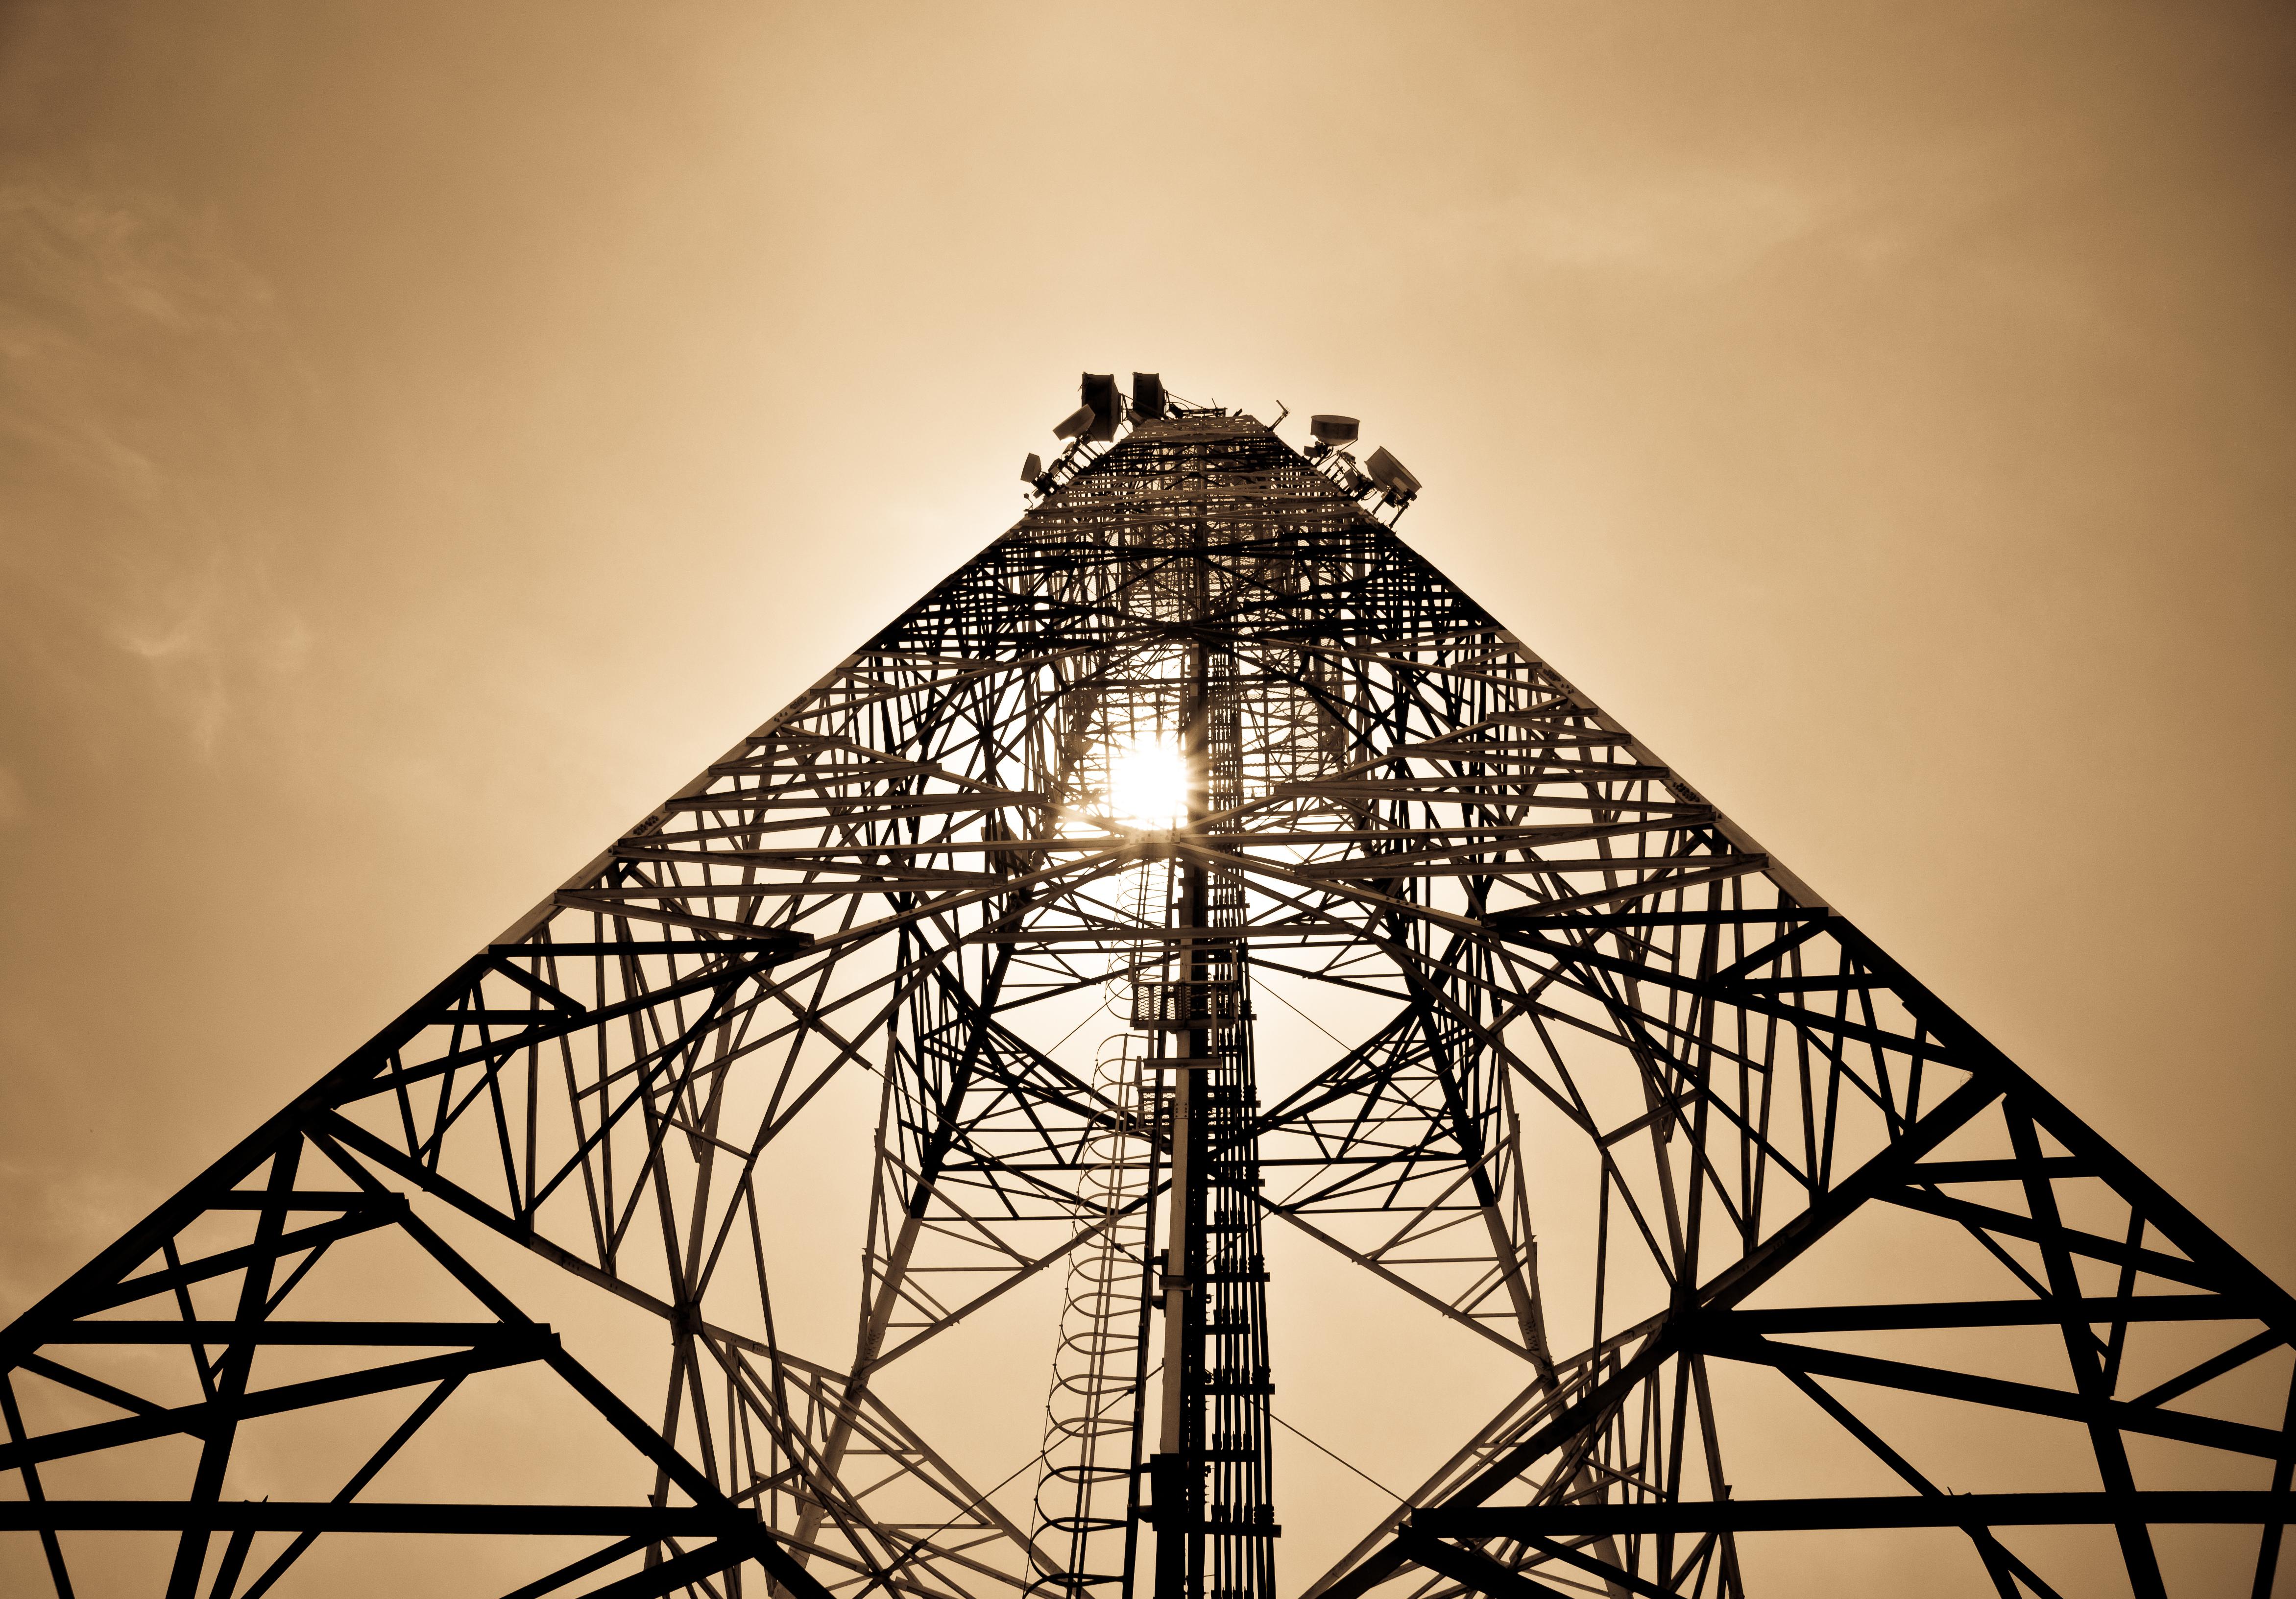 بتكلفة 10 ملايين ريال عماني.. تأسيس أول مصنع لأبراج الاتصالات في السلطنة